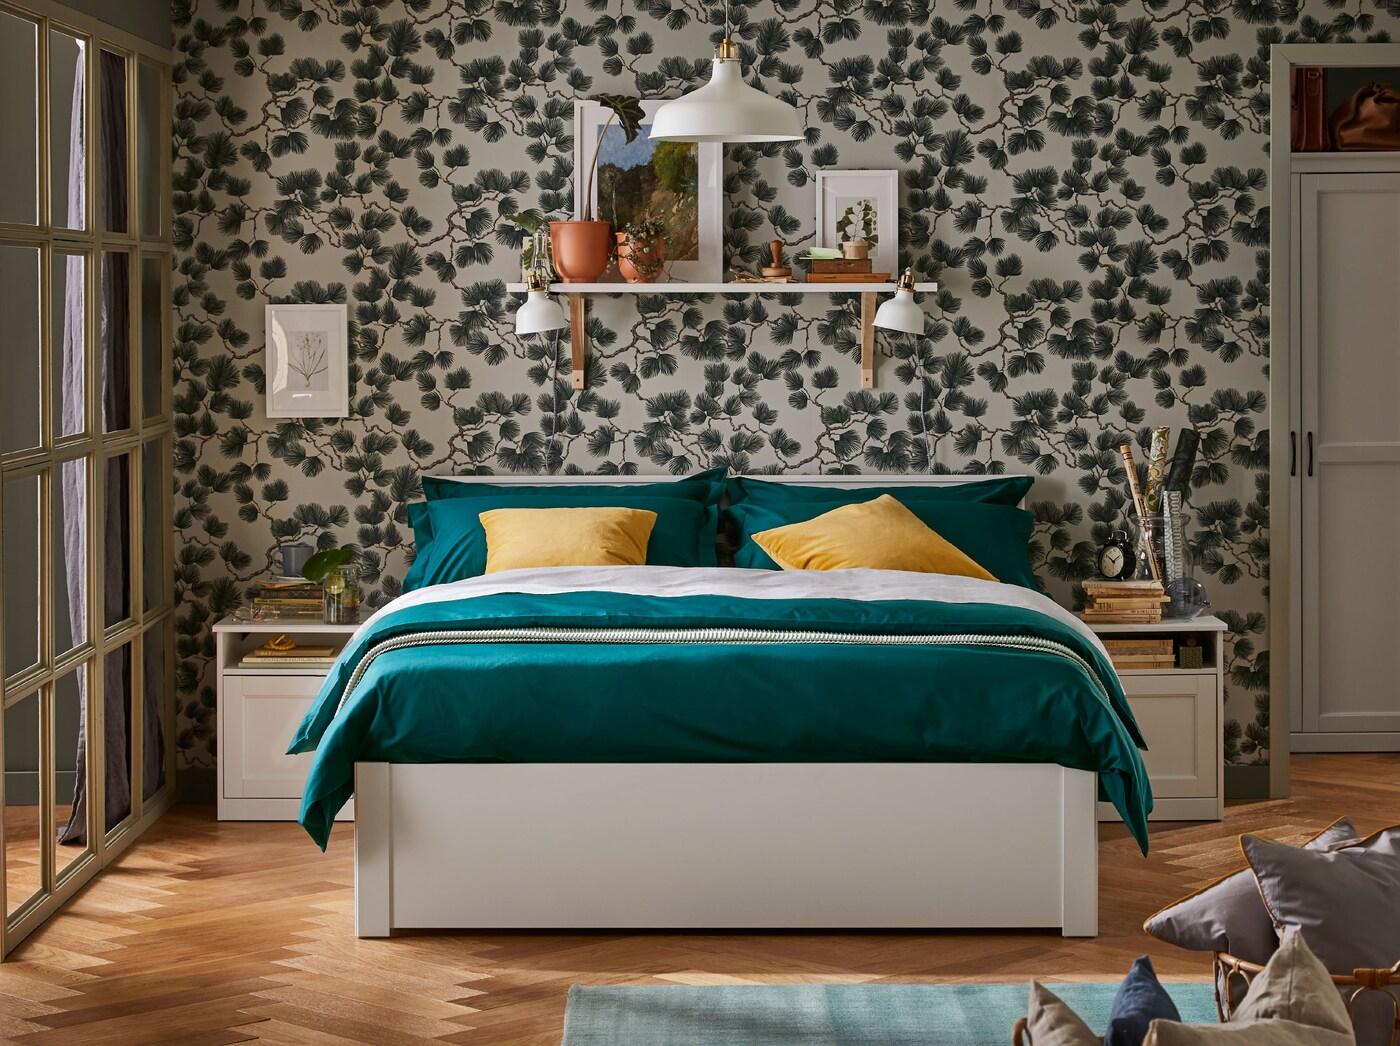 Dvojlůžko se zeleným povlečením a žlutými polštáři. Na zdi za postelí je police a nad postelí visí závěsná lampa.